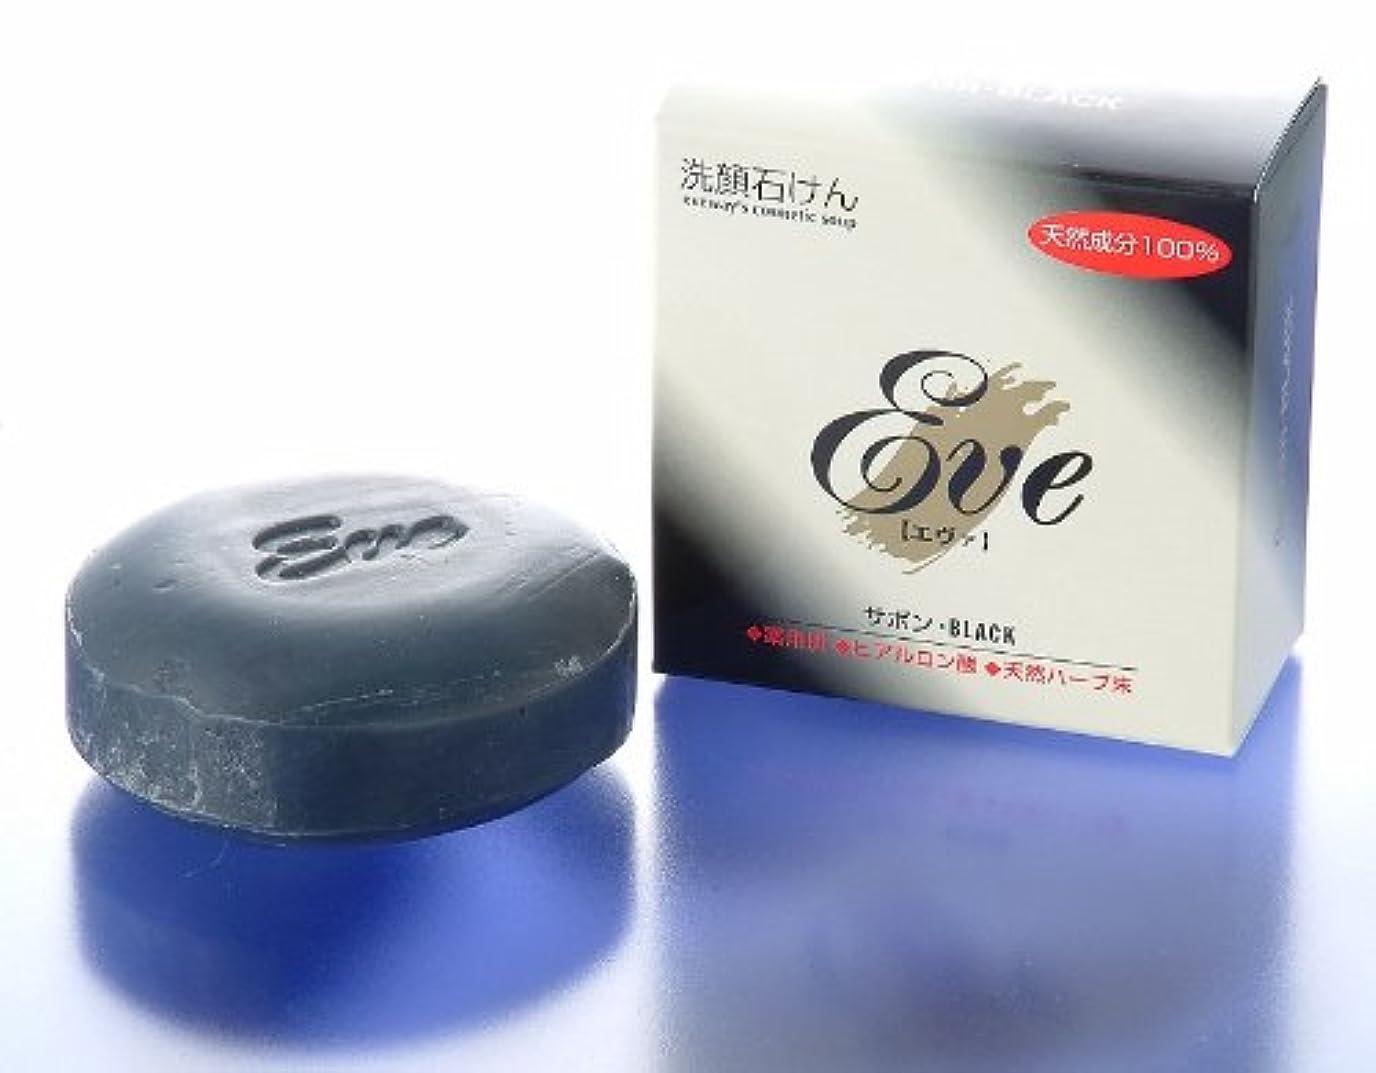 種常識富豪洗顔 化粧石鹸 サボンブラック クレンジングの要らない石鹸です。